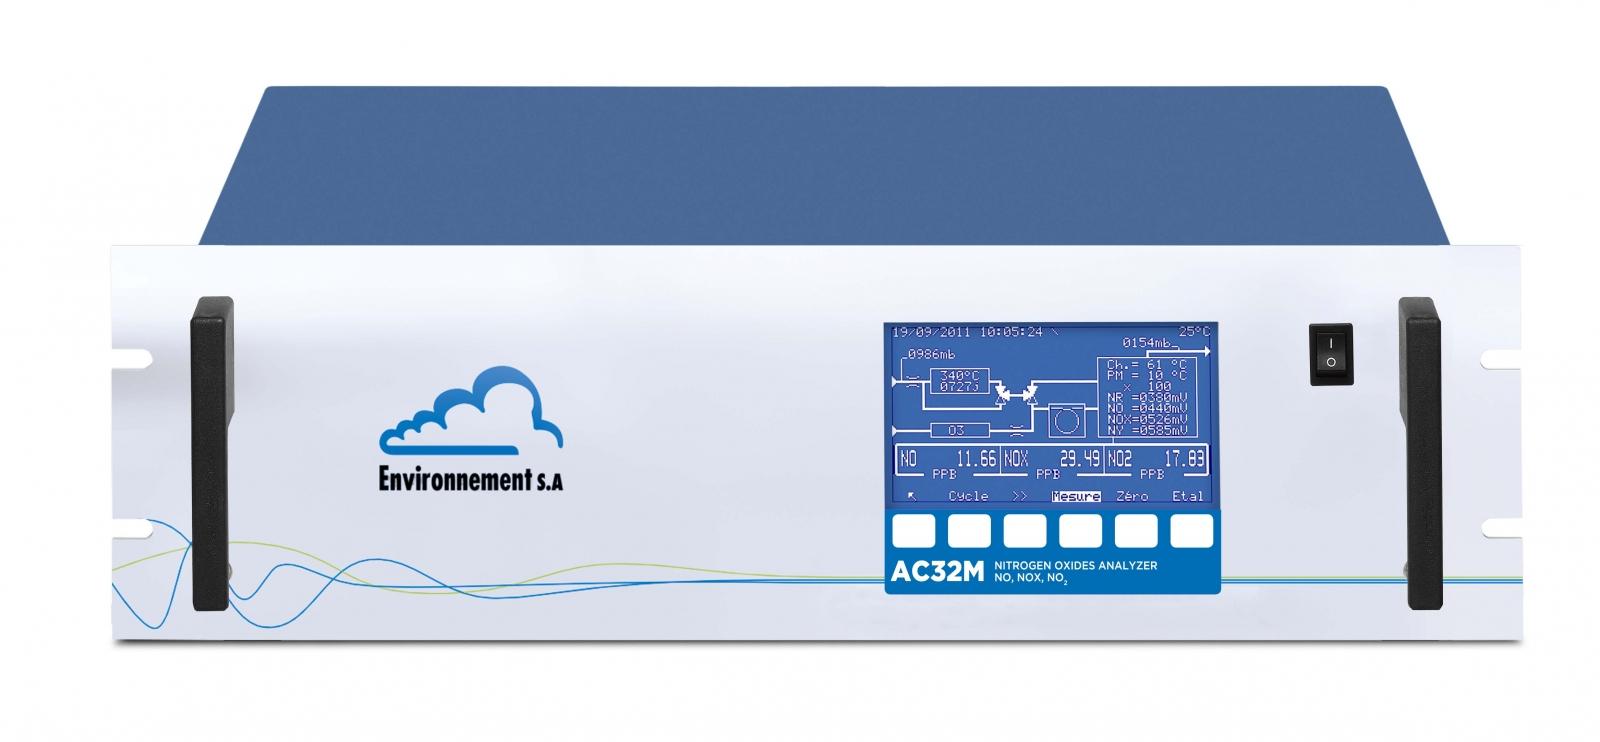 Thiết bị đo các oxitnito (NO-NO2-NOx) - AC32M